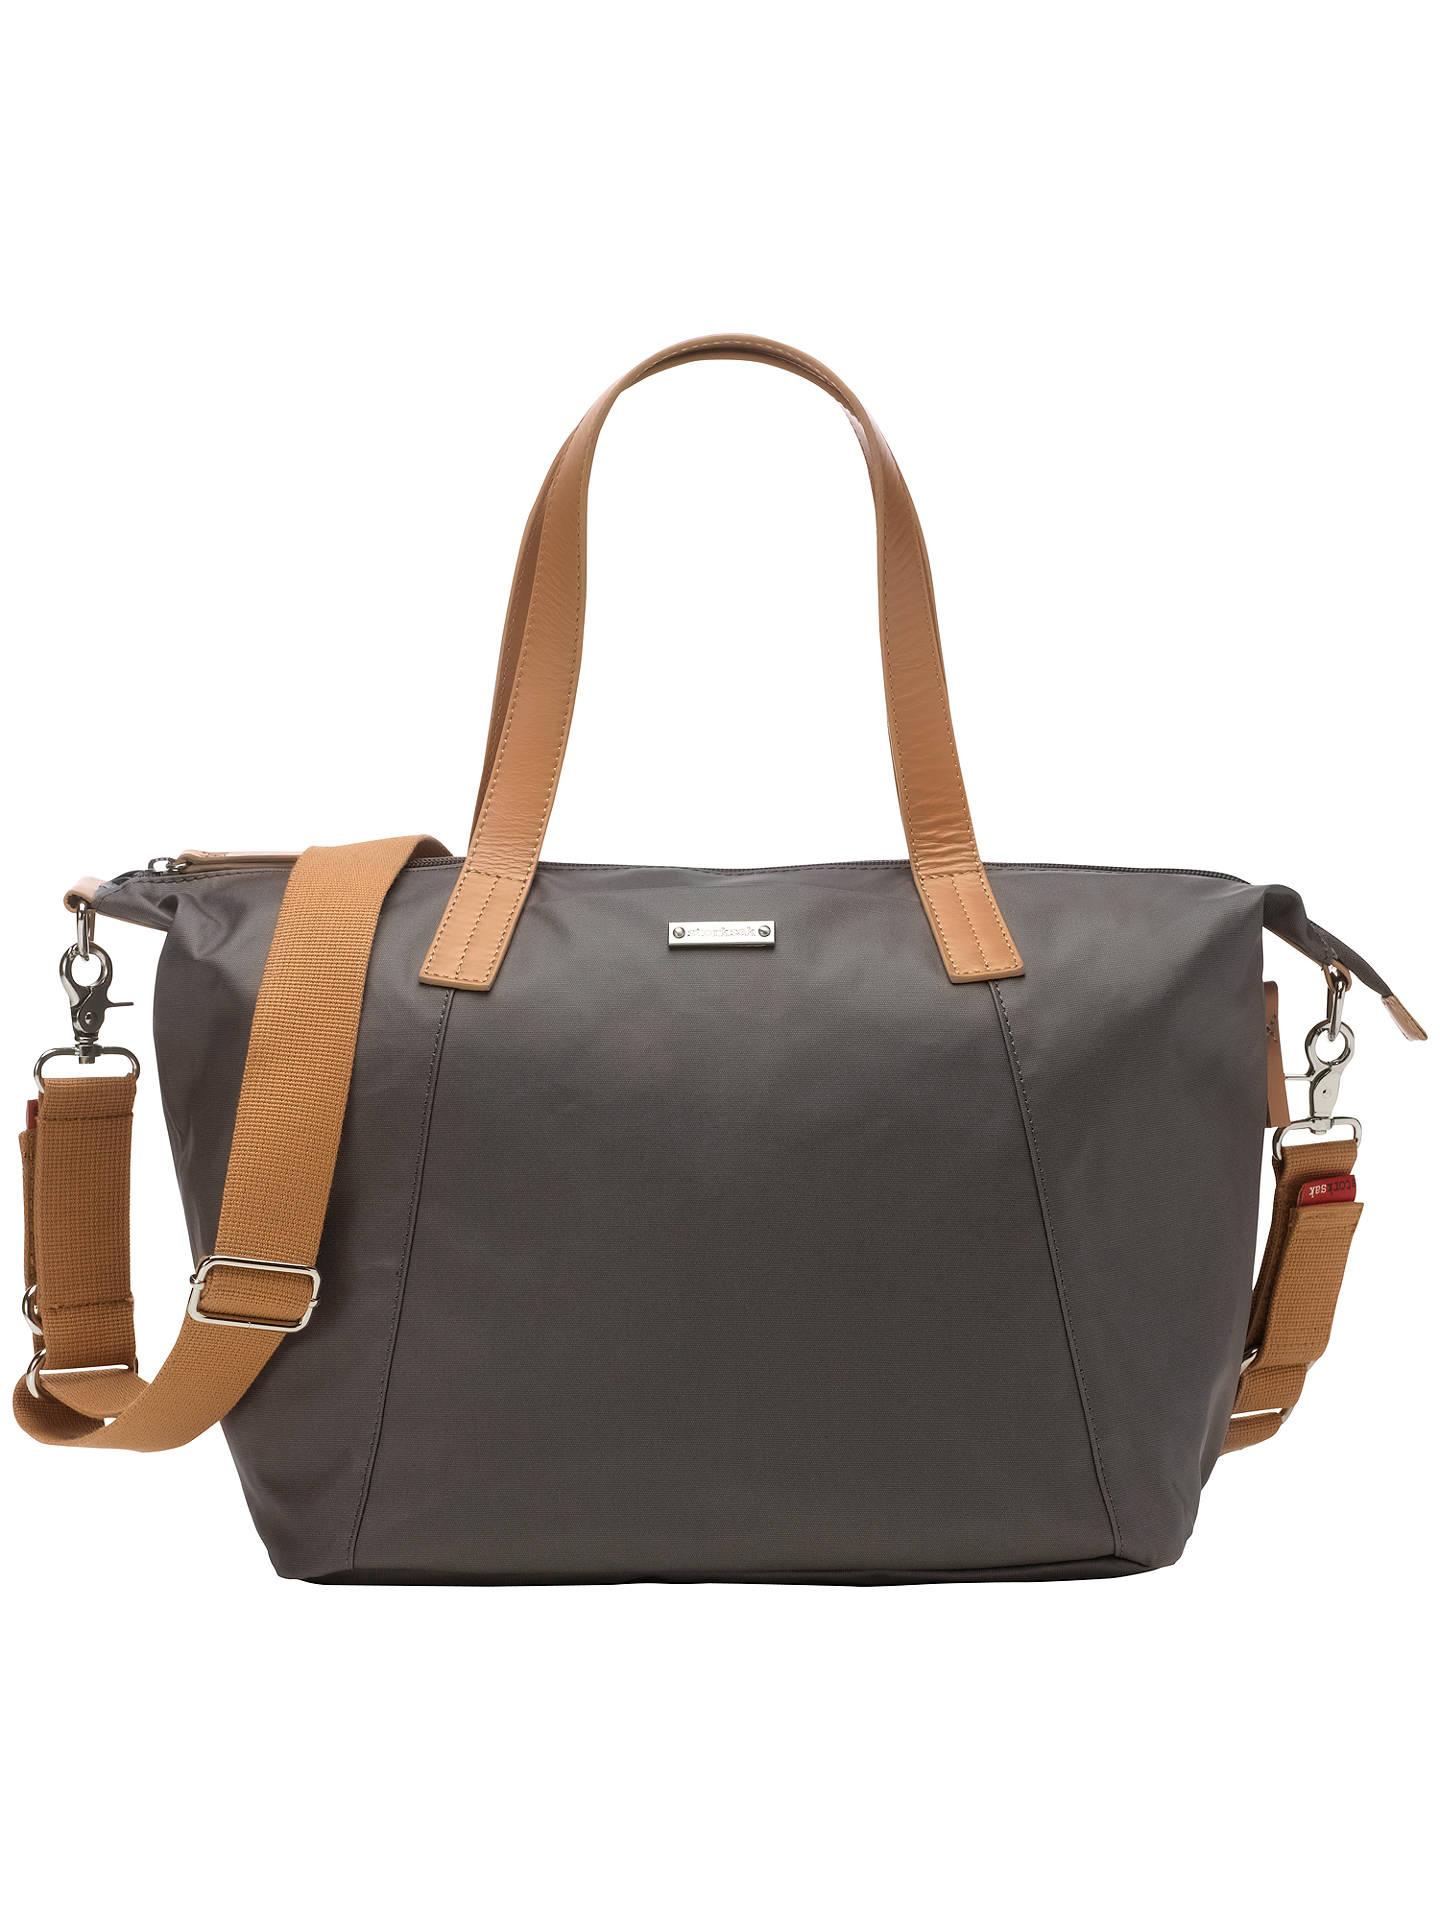 Storksak Noa Changing Bag Chestnut Grey